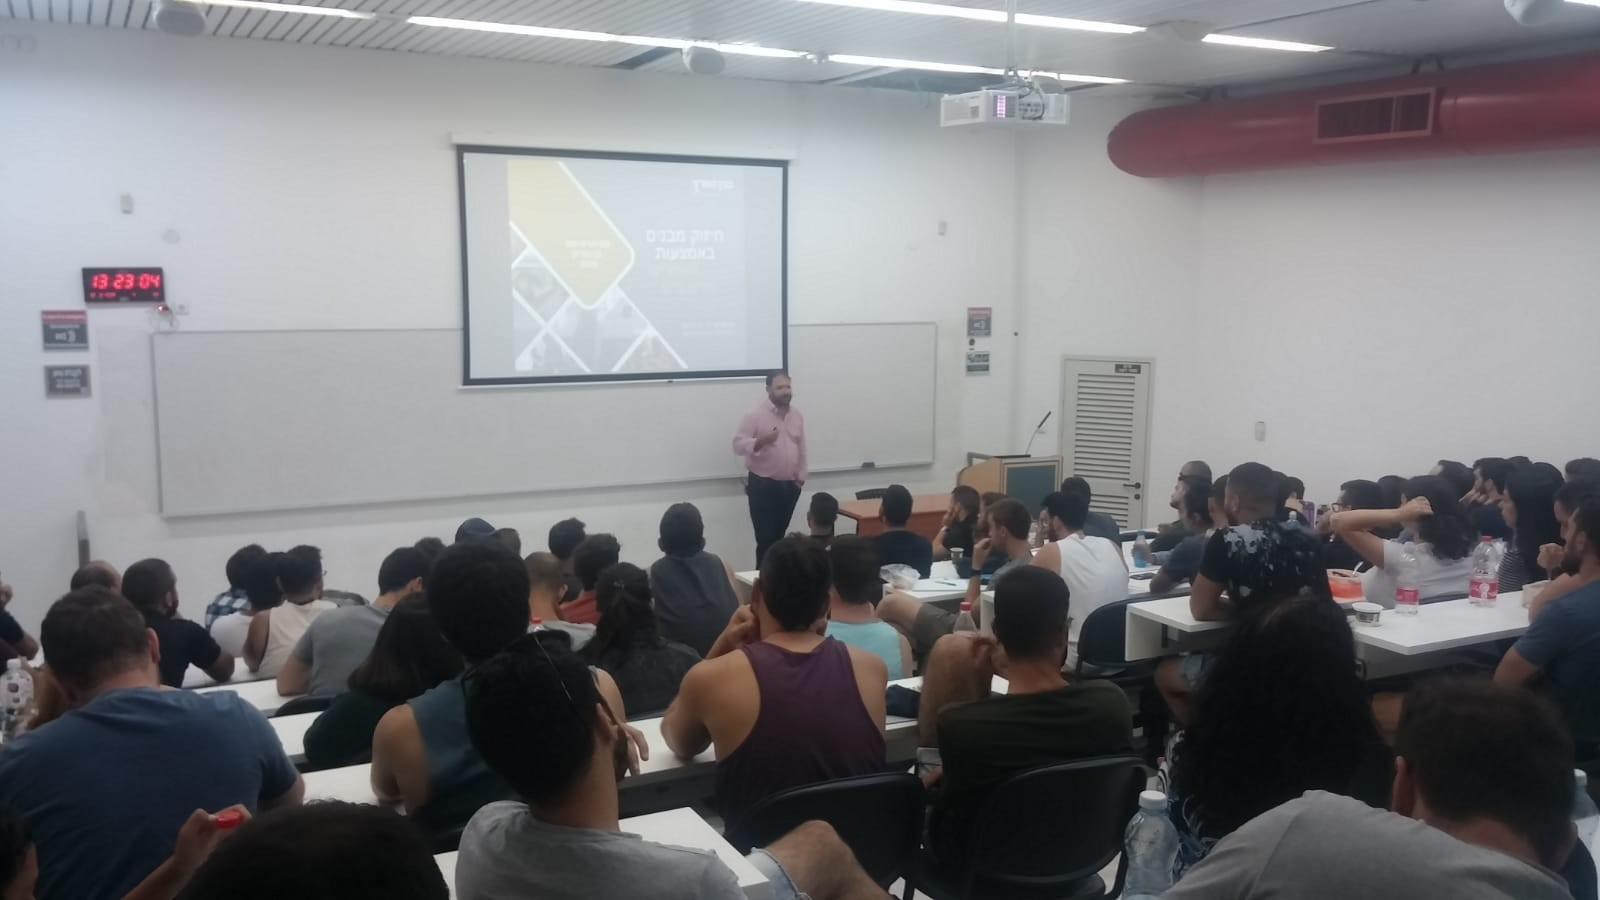 אוניברסיטת בן גוריון - SCE בהנדסה אזרחית